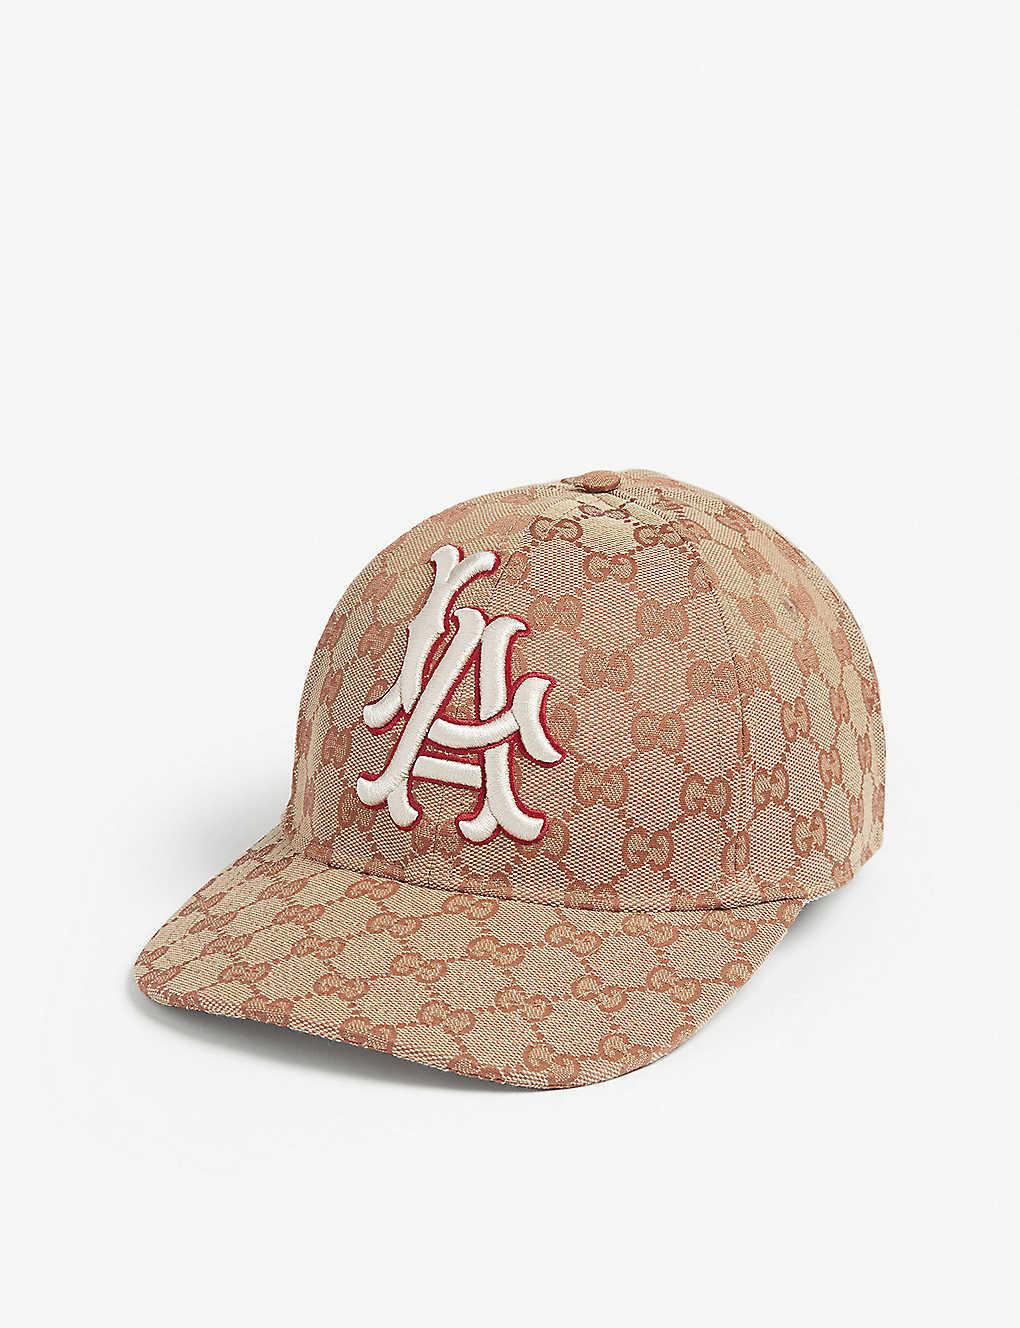 2213d038 GUCCI - LA Dodgers baseball cap | Selfridges.com